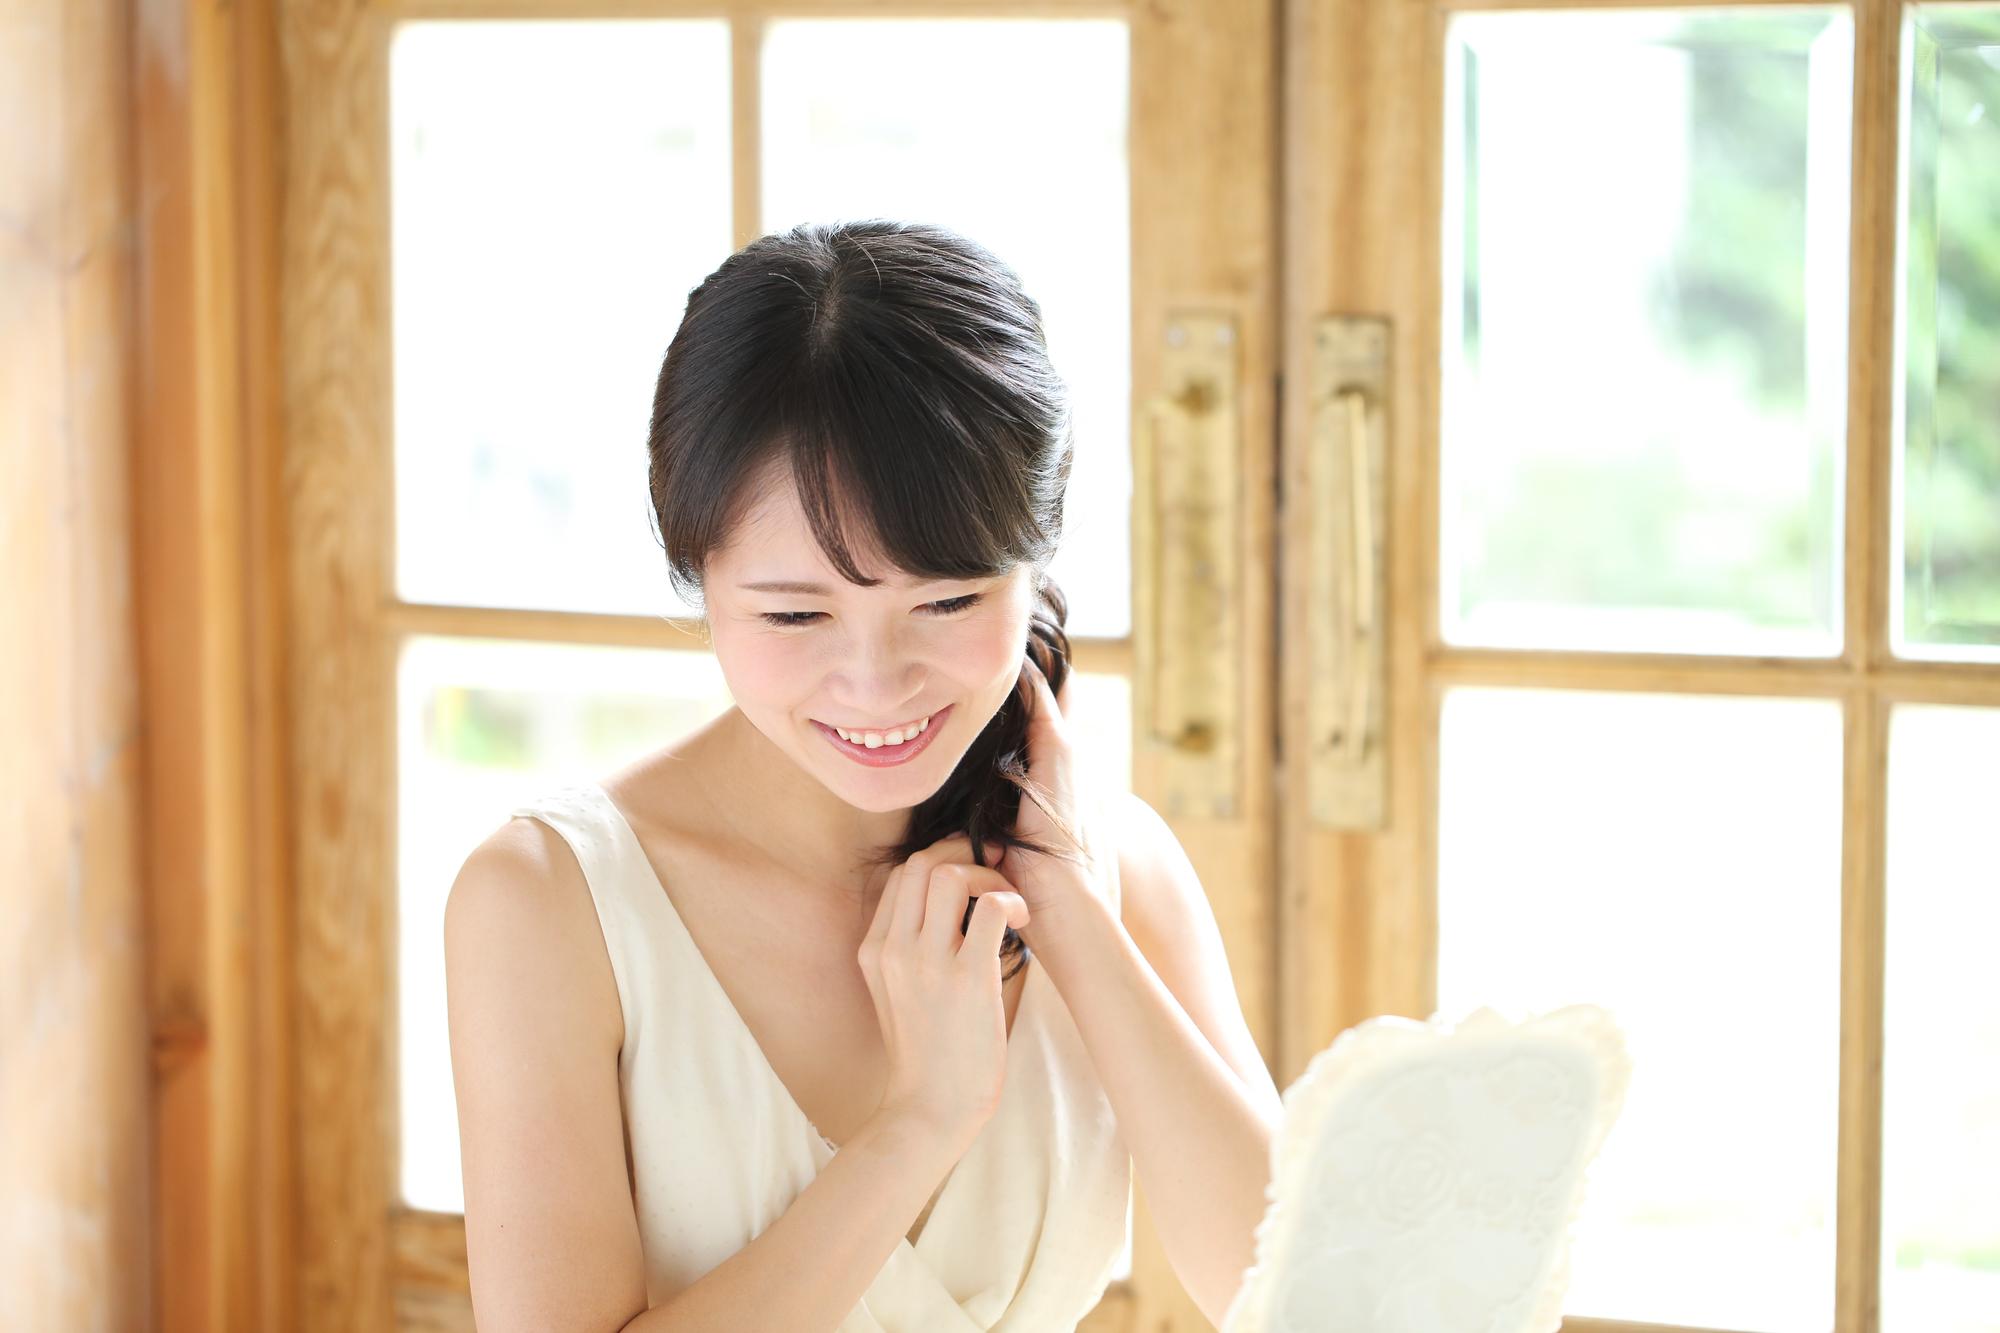 30代女性におすすめの育毛剤ランキング【口コミ付き】